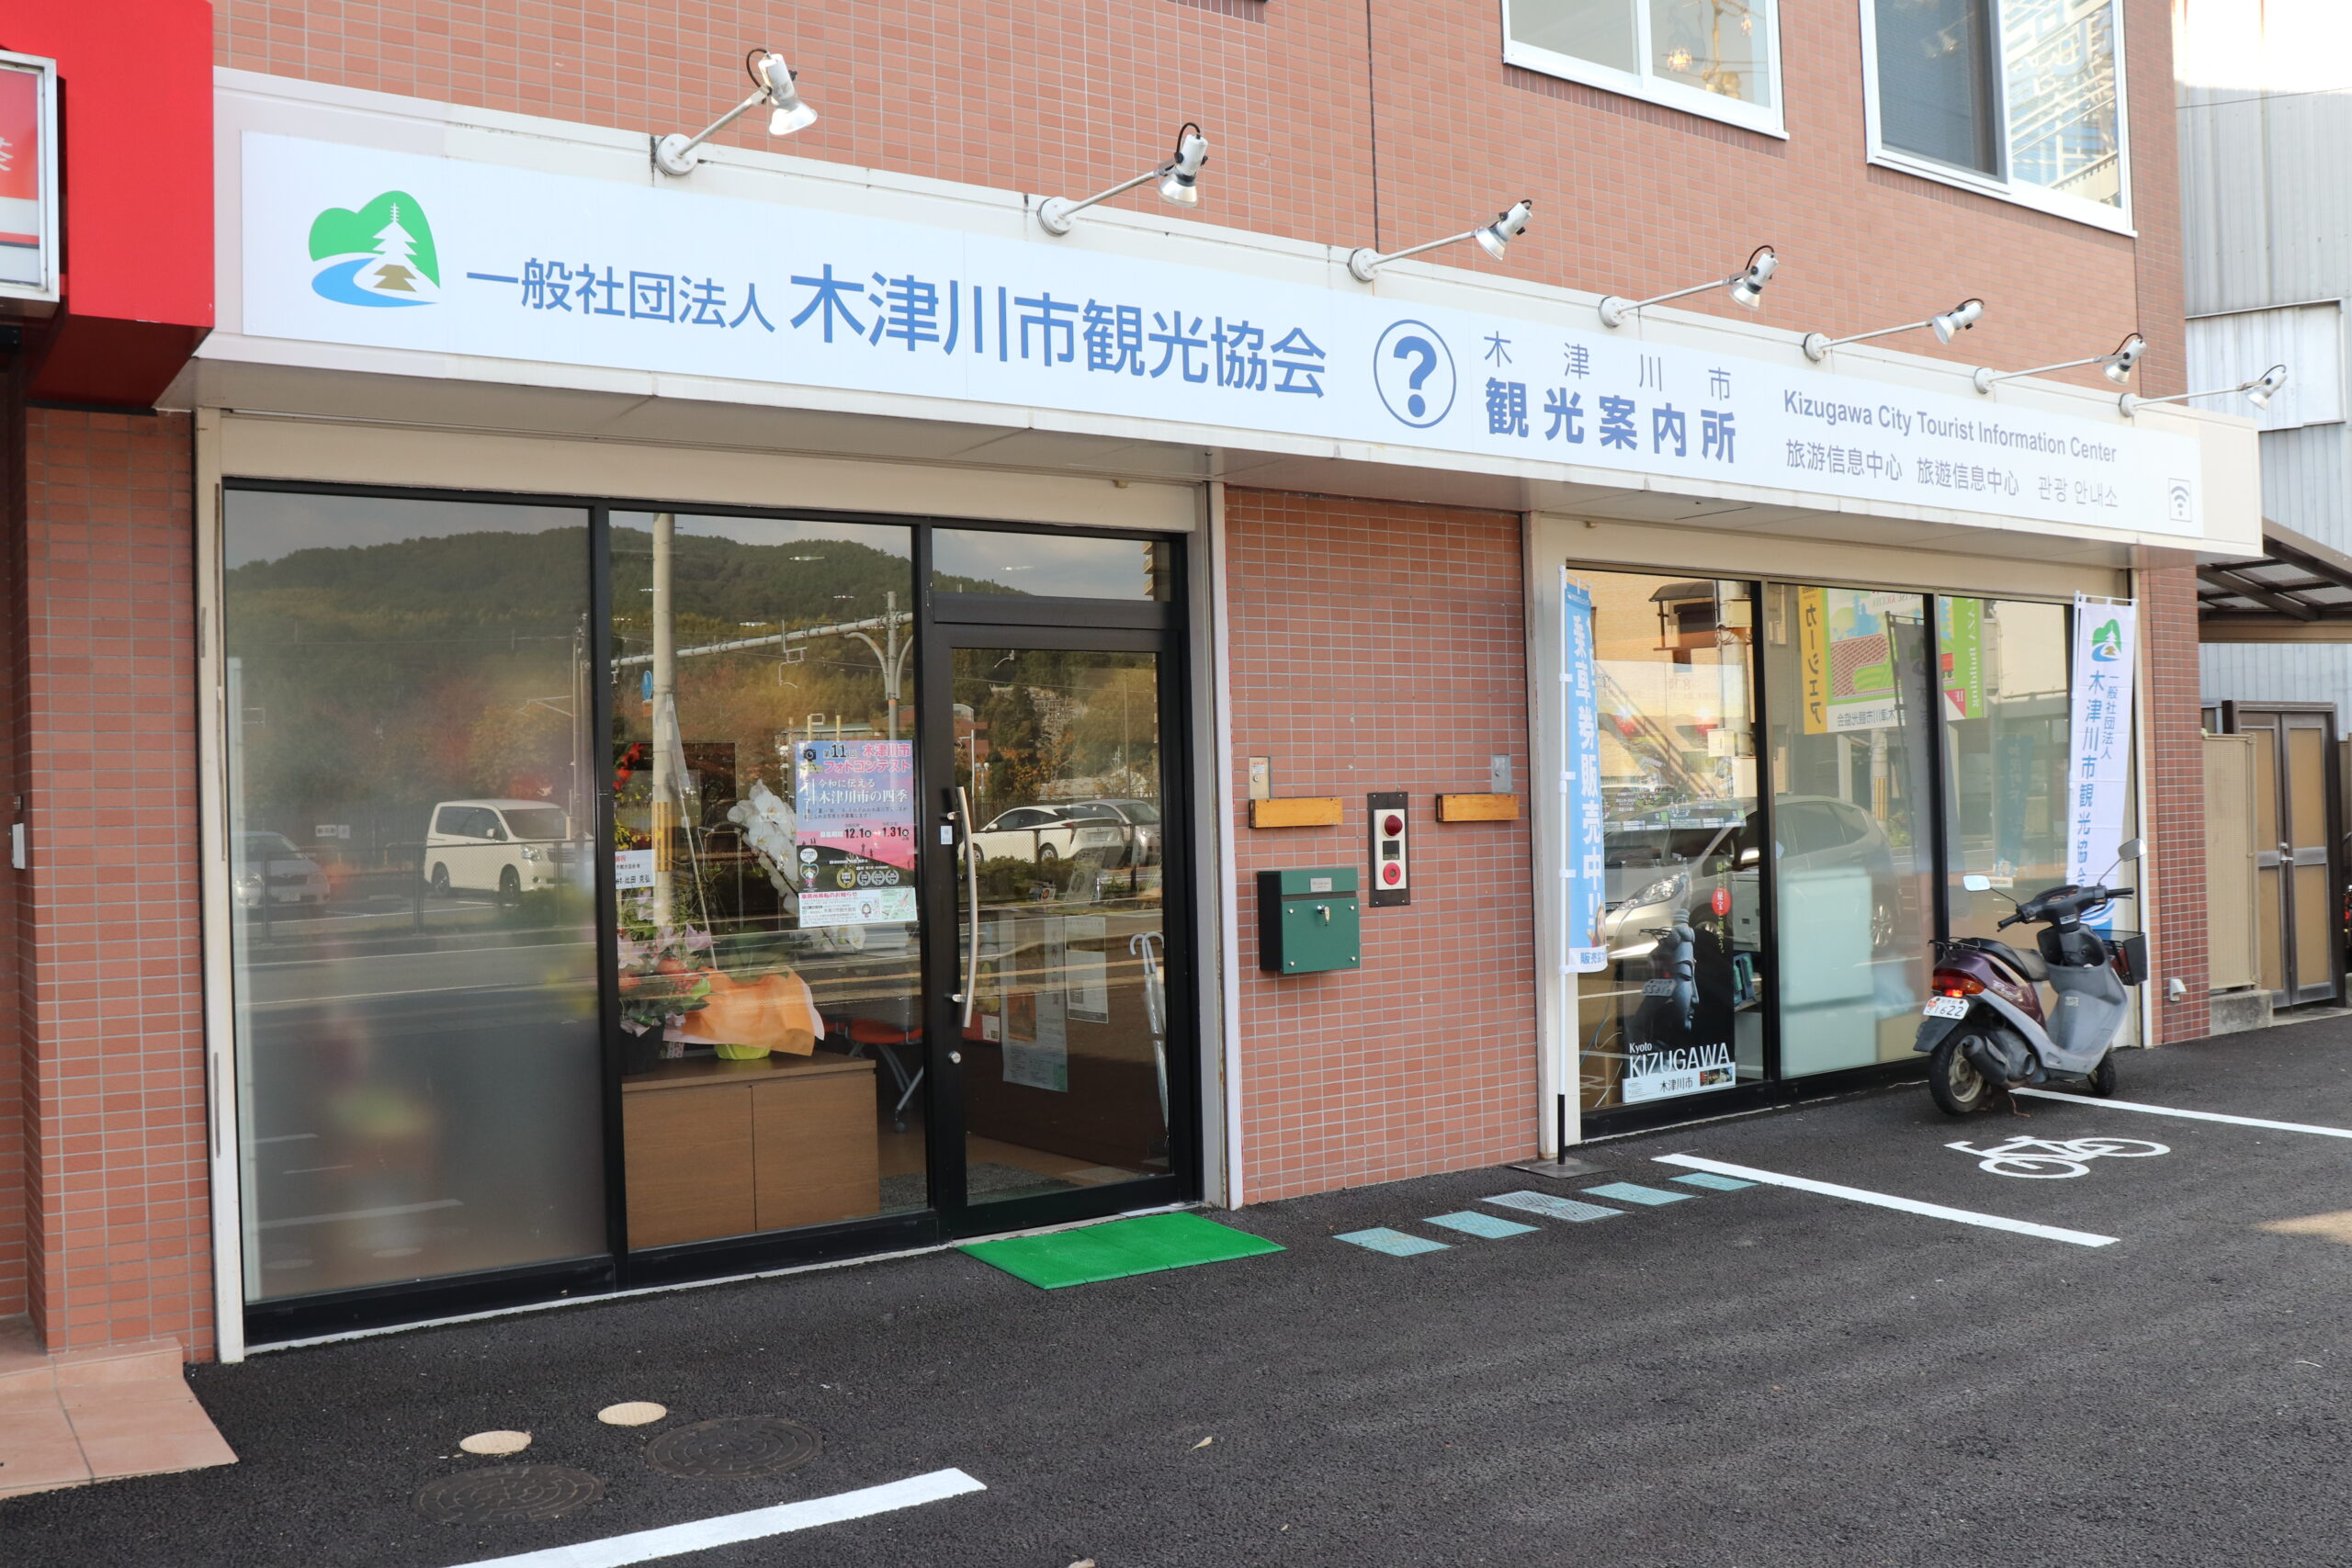 木津川市觀光協會